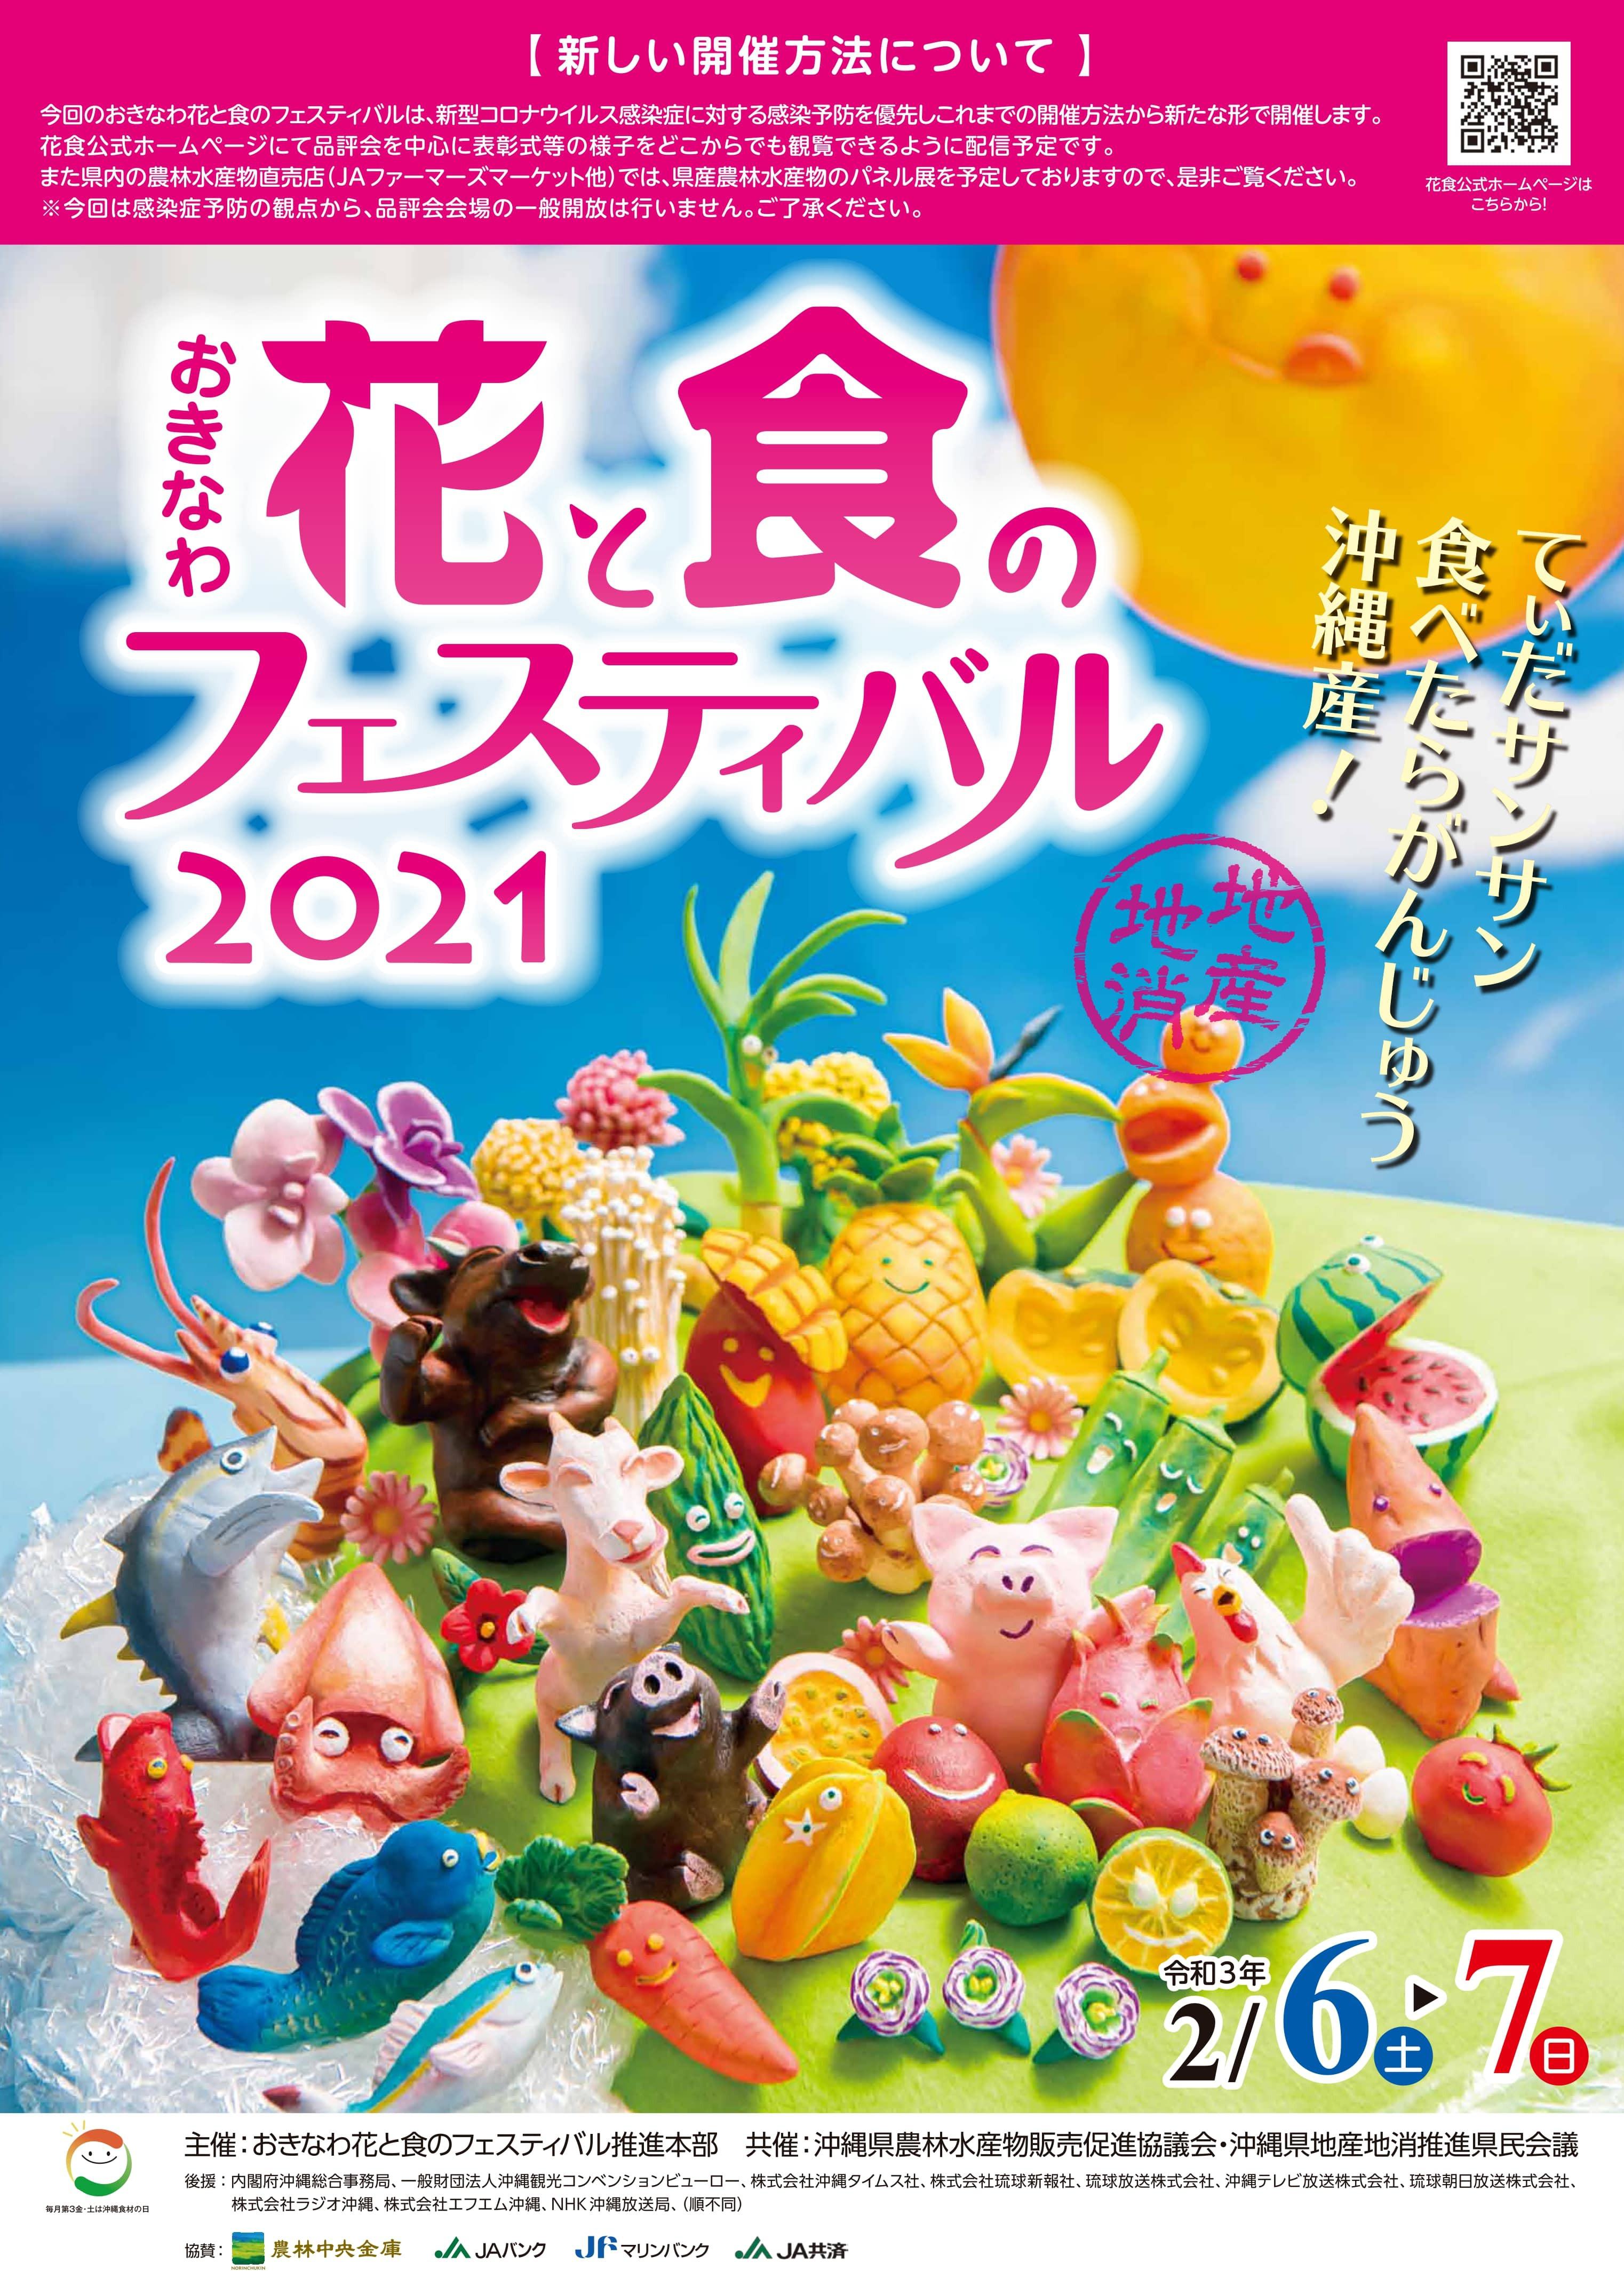 おきなわ花と食のフェスティバル2021開催決定!